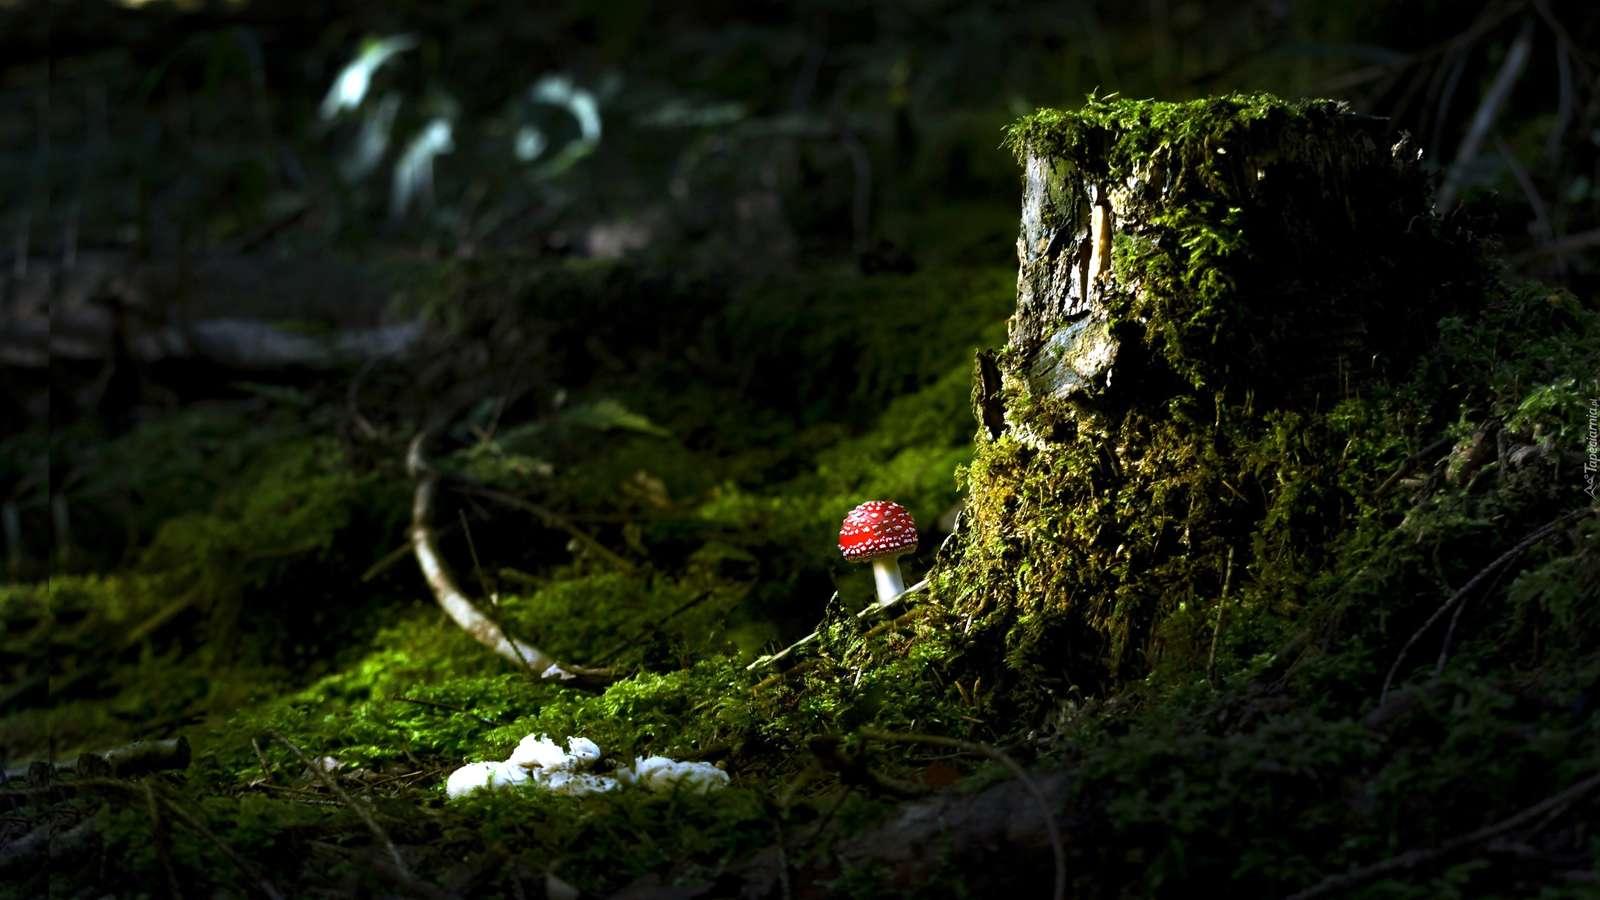 гъба - Гъба. Гълъб от мъхест багажник. Червен кадиш до ствола на дърво (9×9)